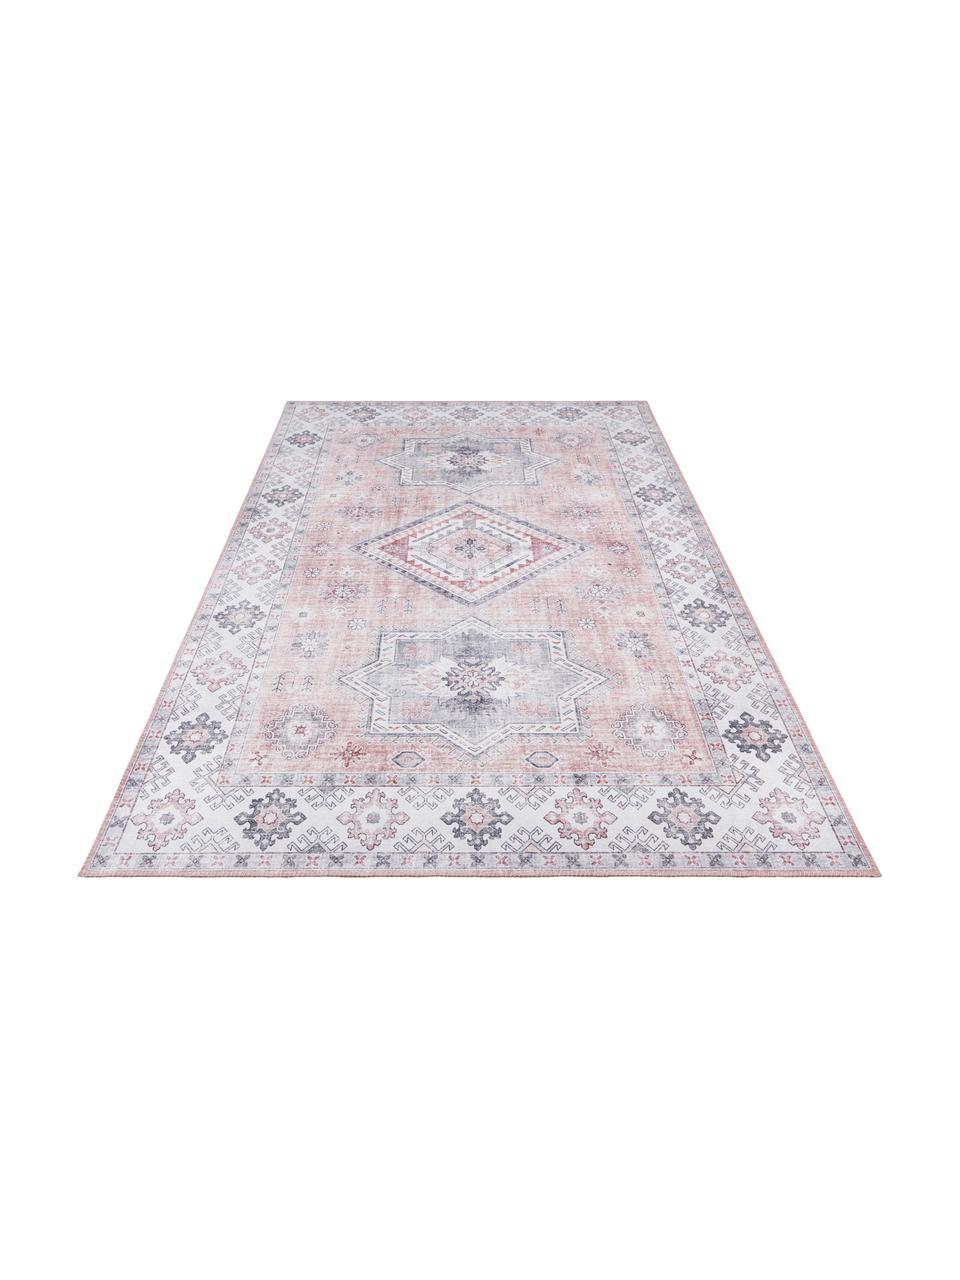 Chodnik w stylu vintage Gratia, 100% poliester, Brudny różowy, szary, 80 x 200 cm